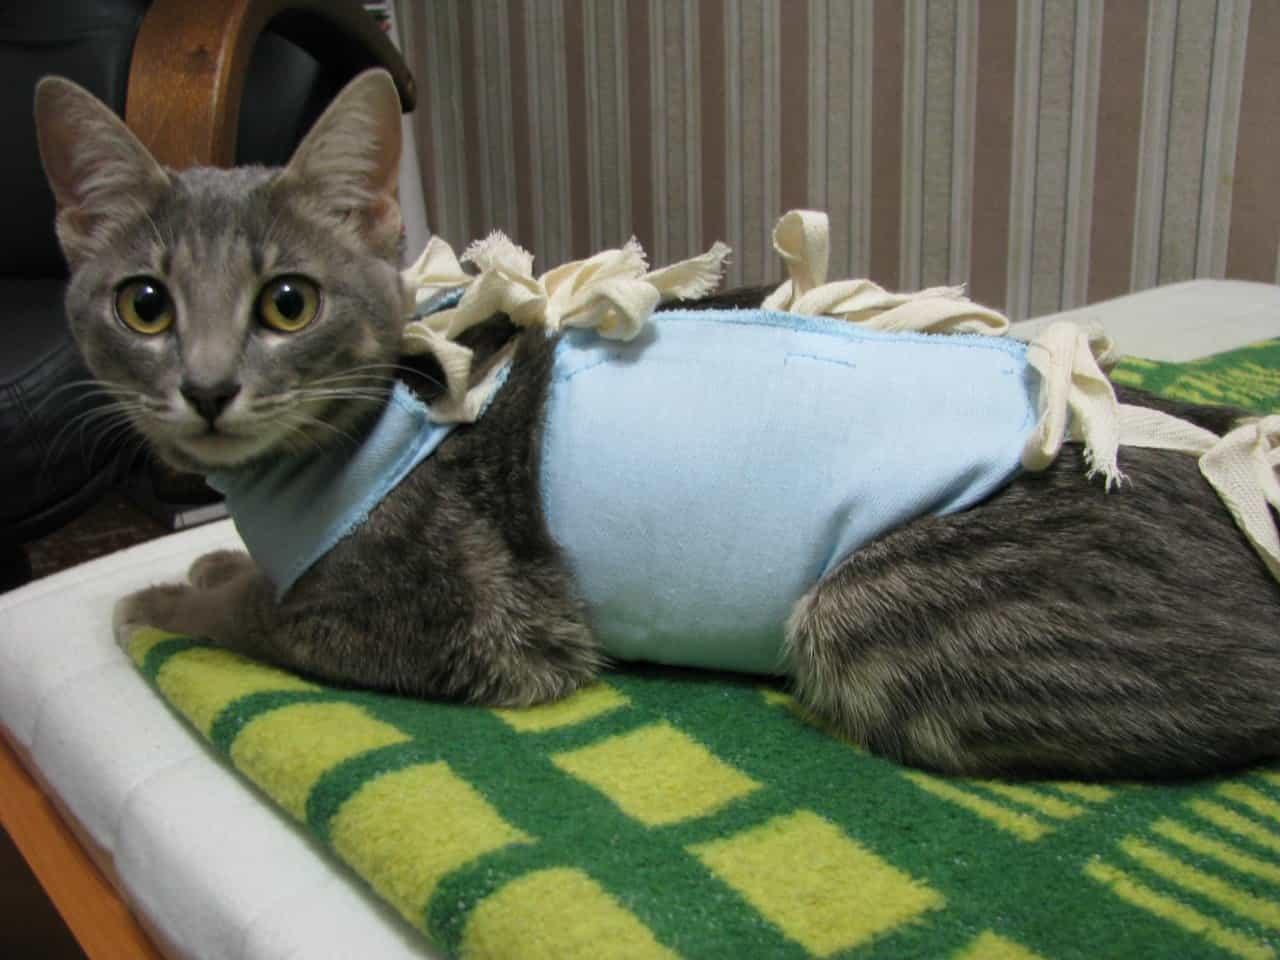 Круглосуточная ветеринарная клиника в подольске. сколько живут кошки и как продлить жизнь кошке